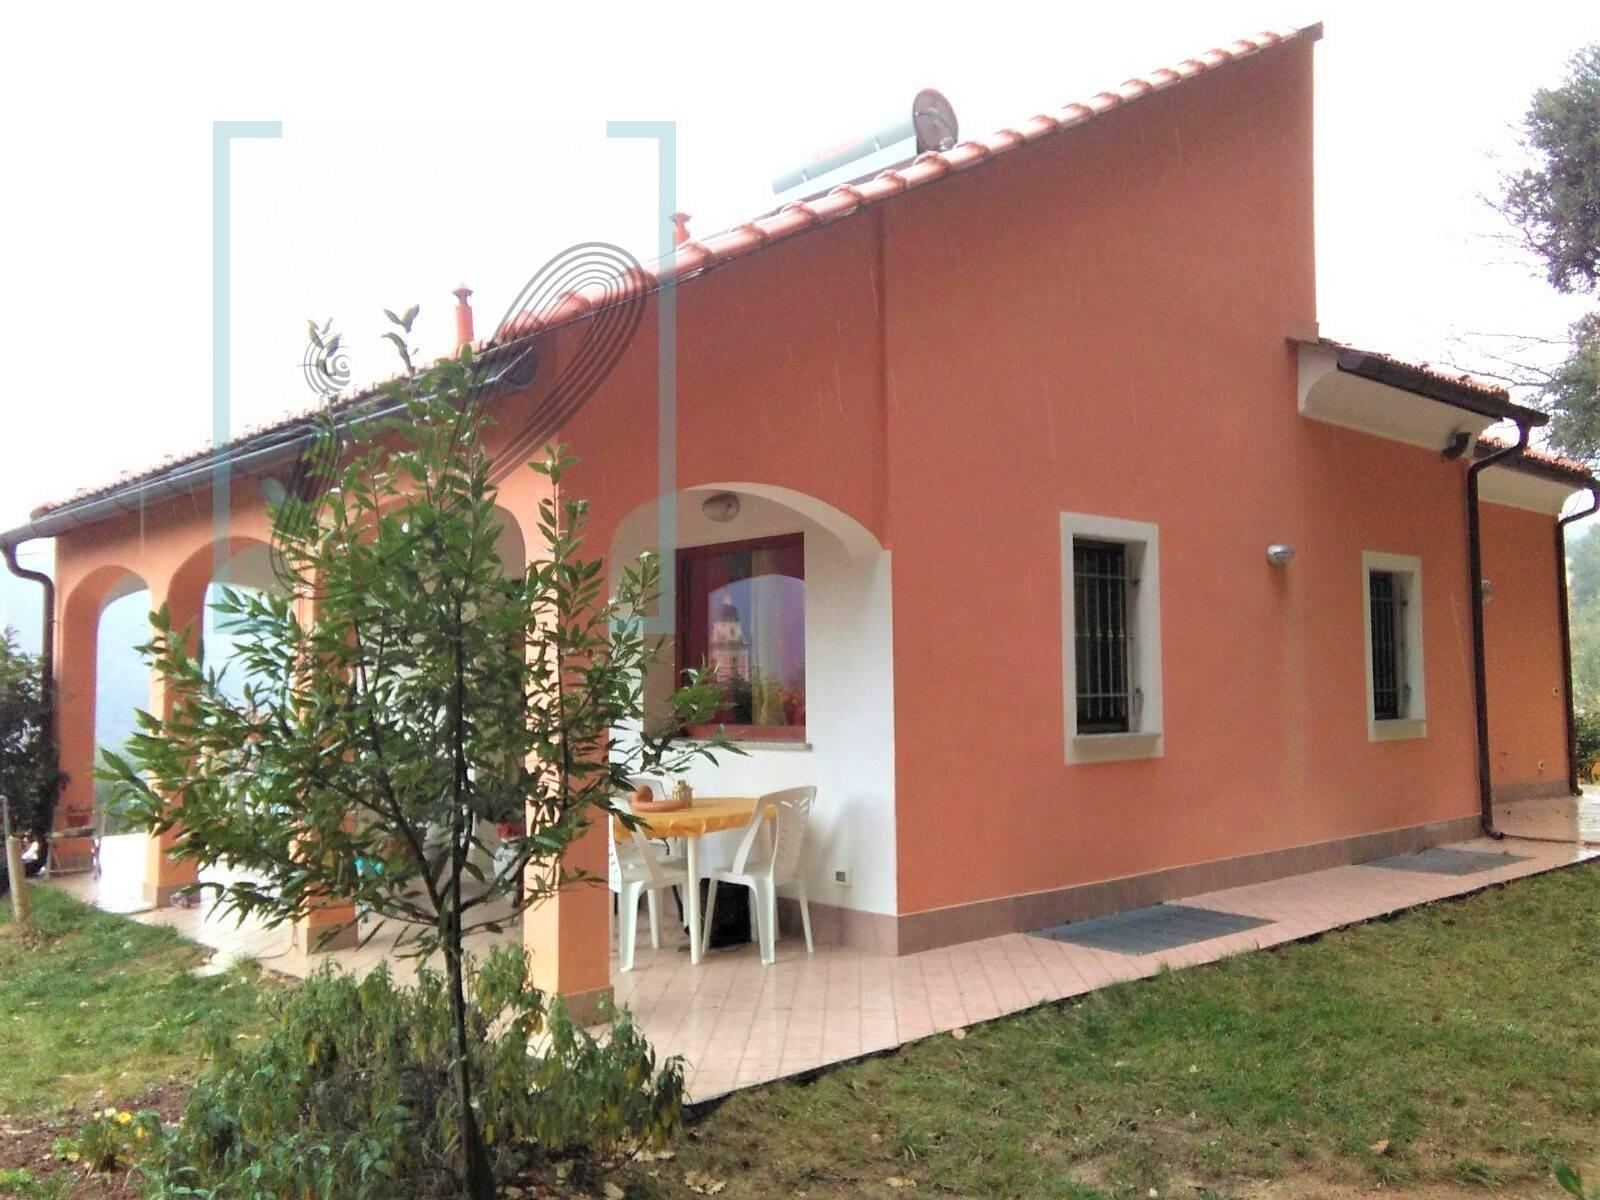 Villa in vendita a Ortovero, 5 locali, prezzo € 350.000 | PortaleAgenzieImmobiliari.it